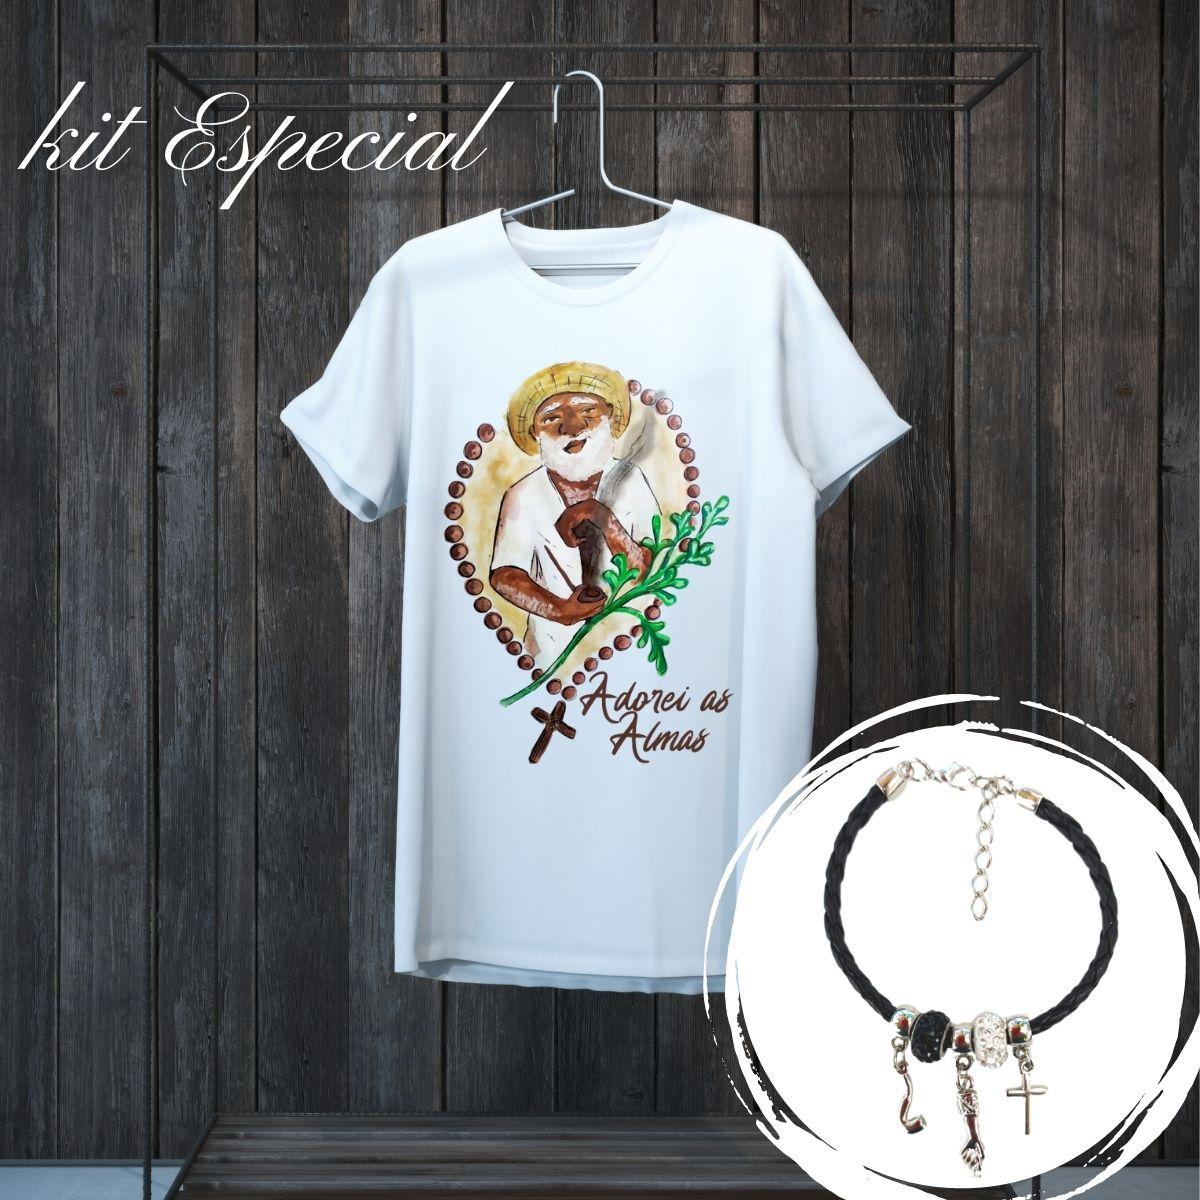 Kit de Preto Velho - Pulseira e Camiseta